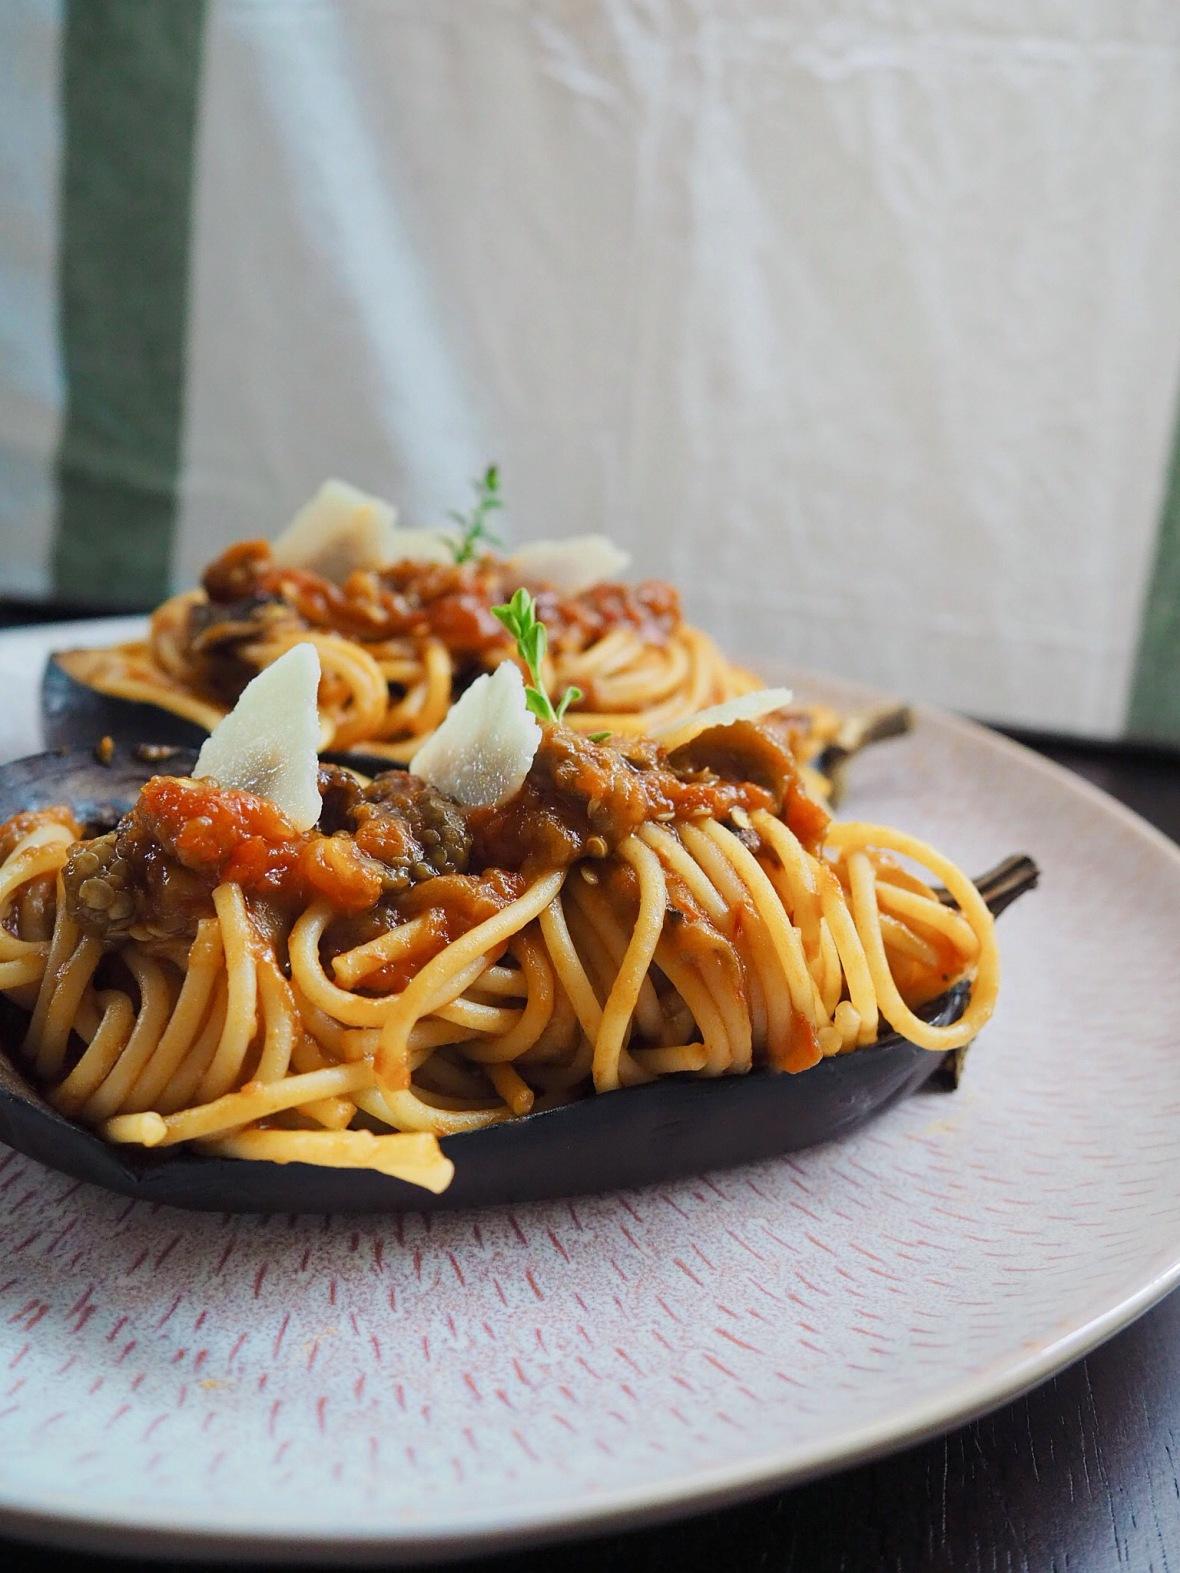 Berenjena rellena de spaghetti alla norma puredepalabras